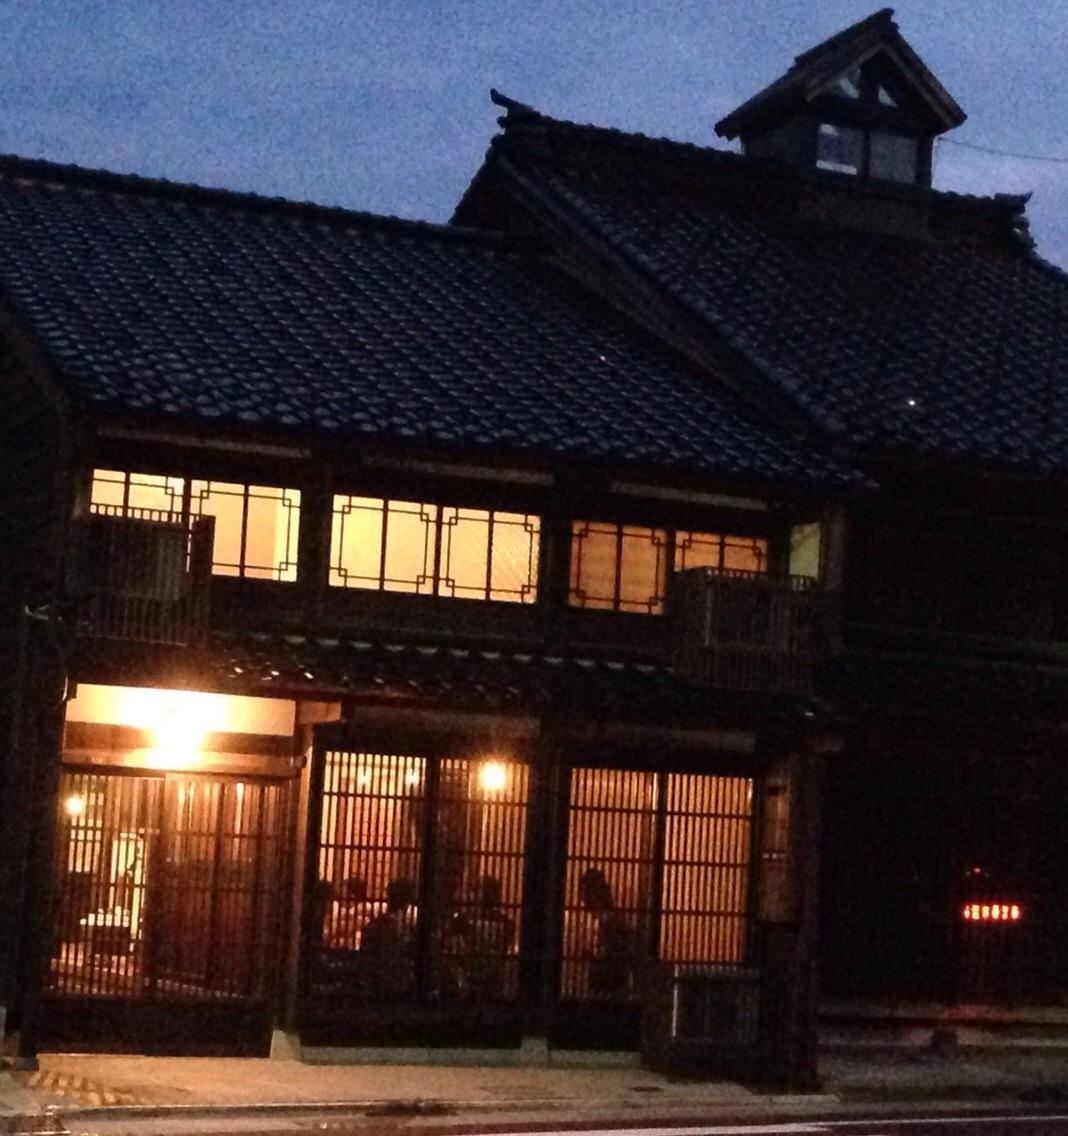 ゲストハウス白 - Guest House Shiro _c0110051_9441156.jpg